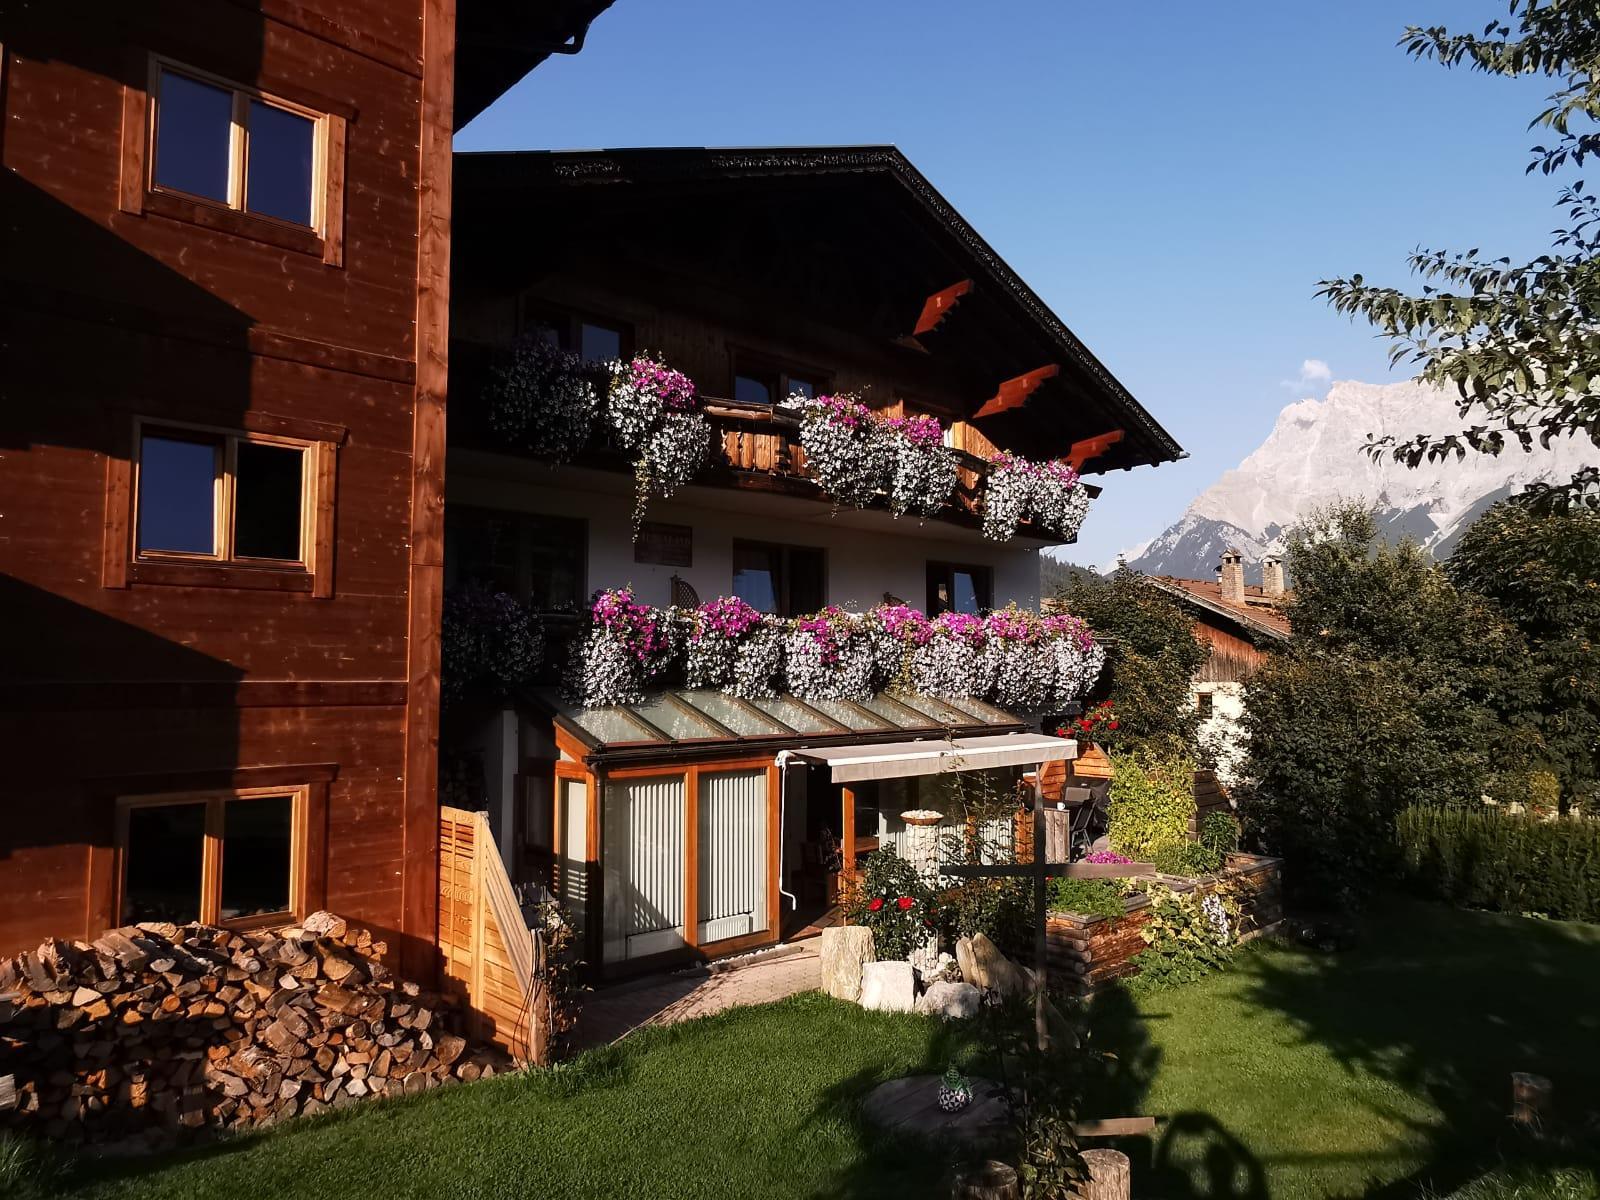 Appartement Alpenland #Willkommen#Bildergalerie#Buchen